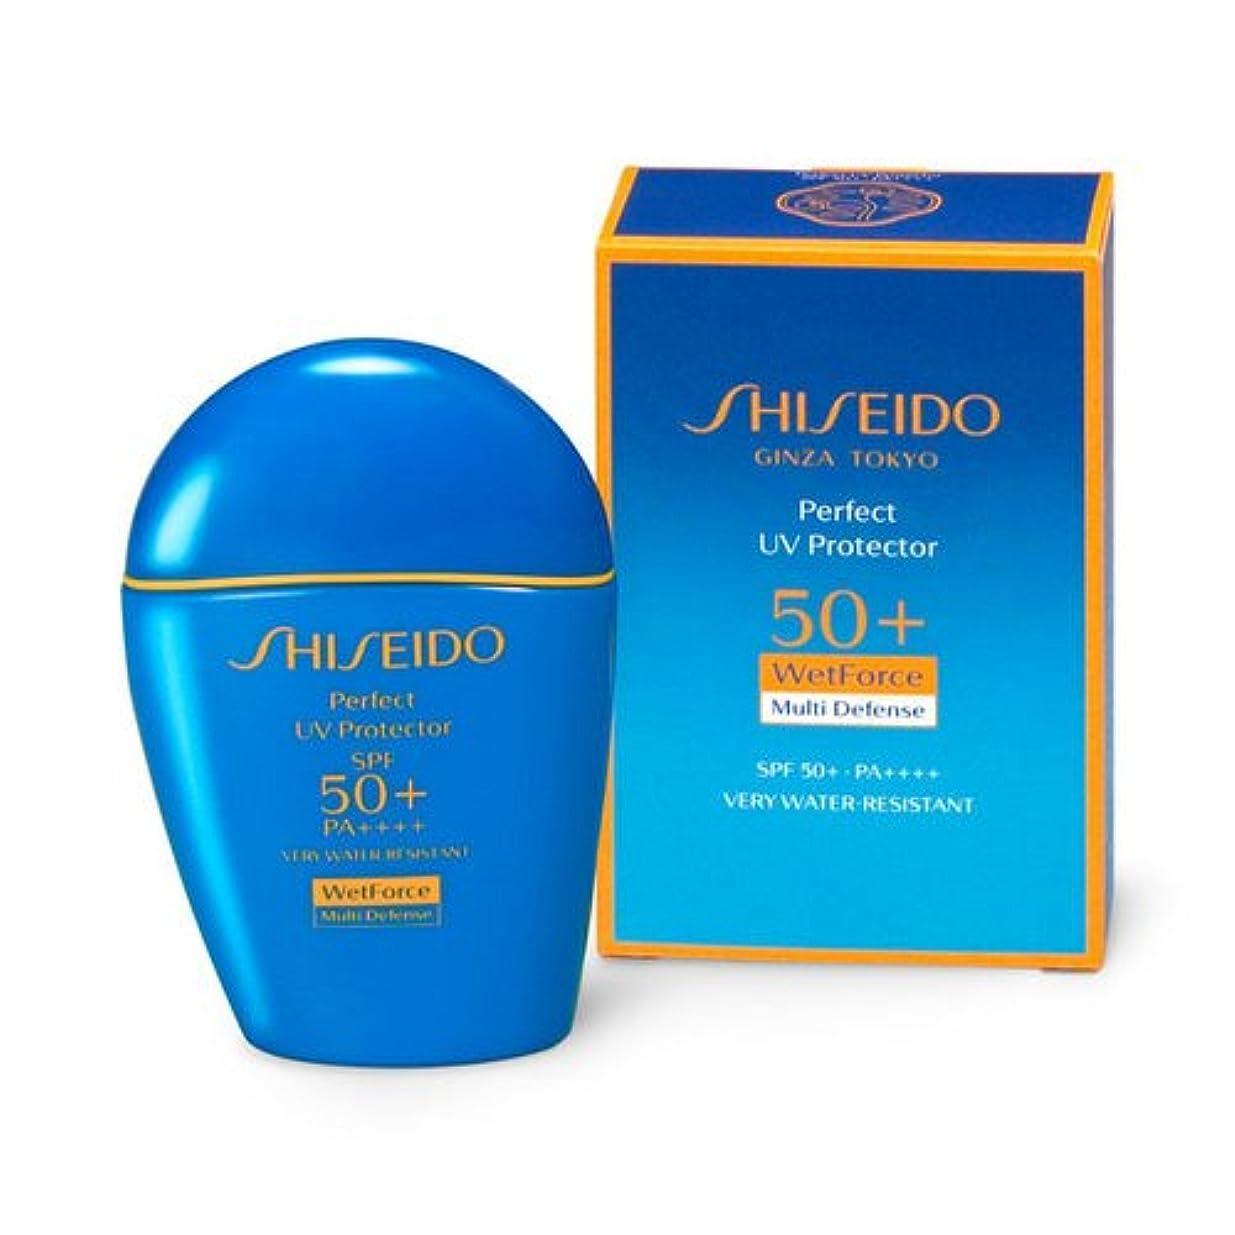 優雅コートライドSHISEIDO Suncare(資生堂 サンケア) SHISEIDO(資生堂) パーフェクト UVプロテクター 50mL